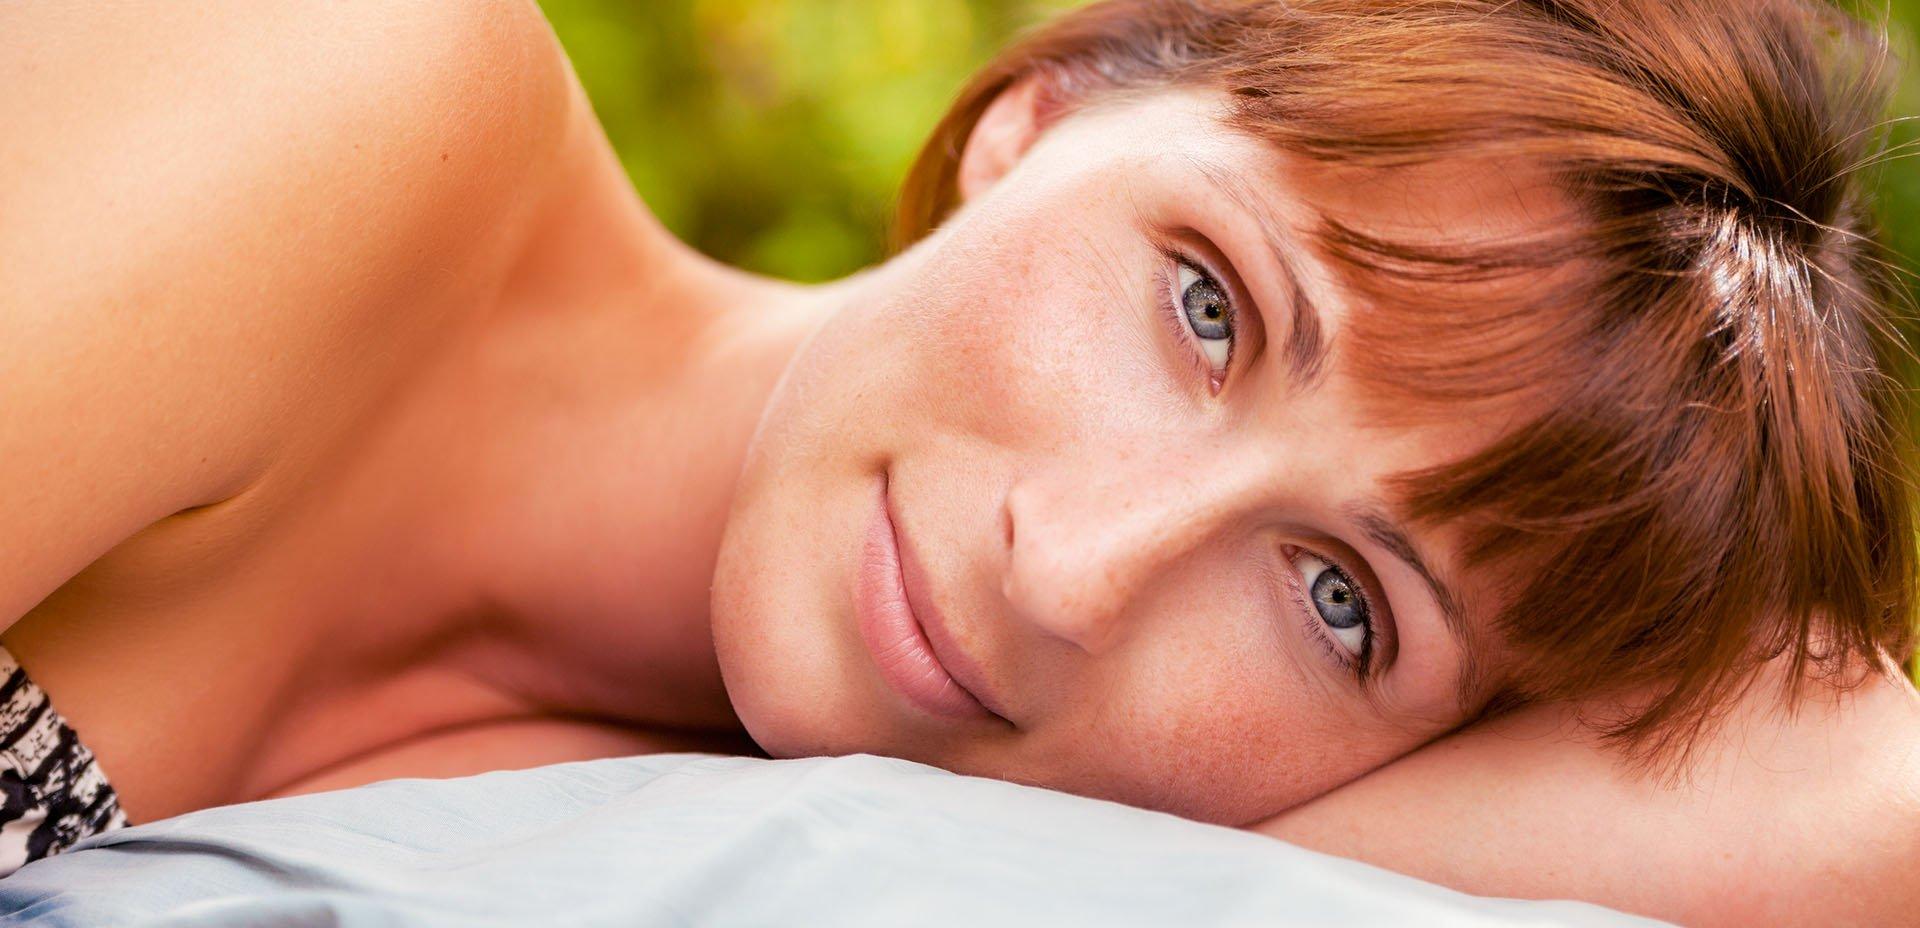 Lifestyle Vegetariana Vegana - Naturalmente belle con i cosmetici Cruelty Free